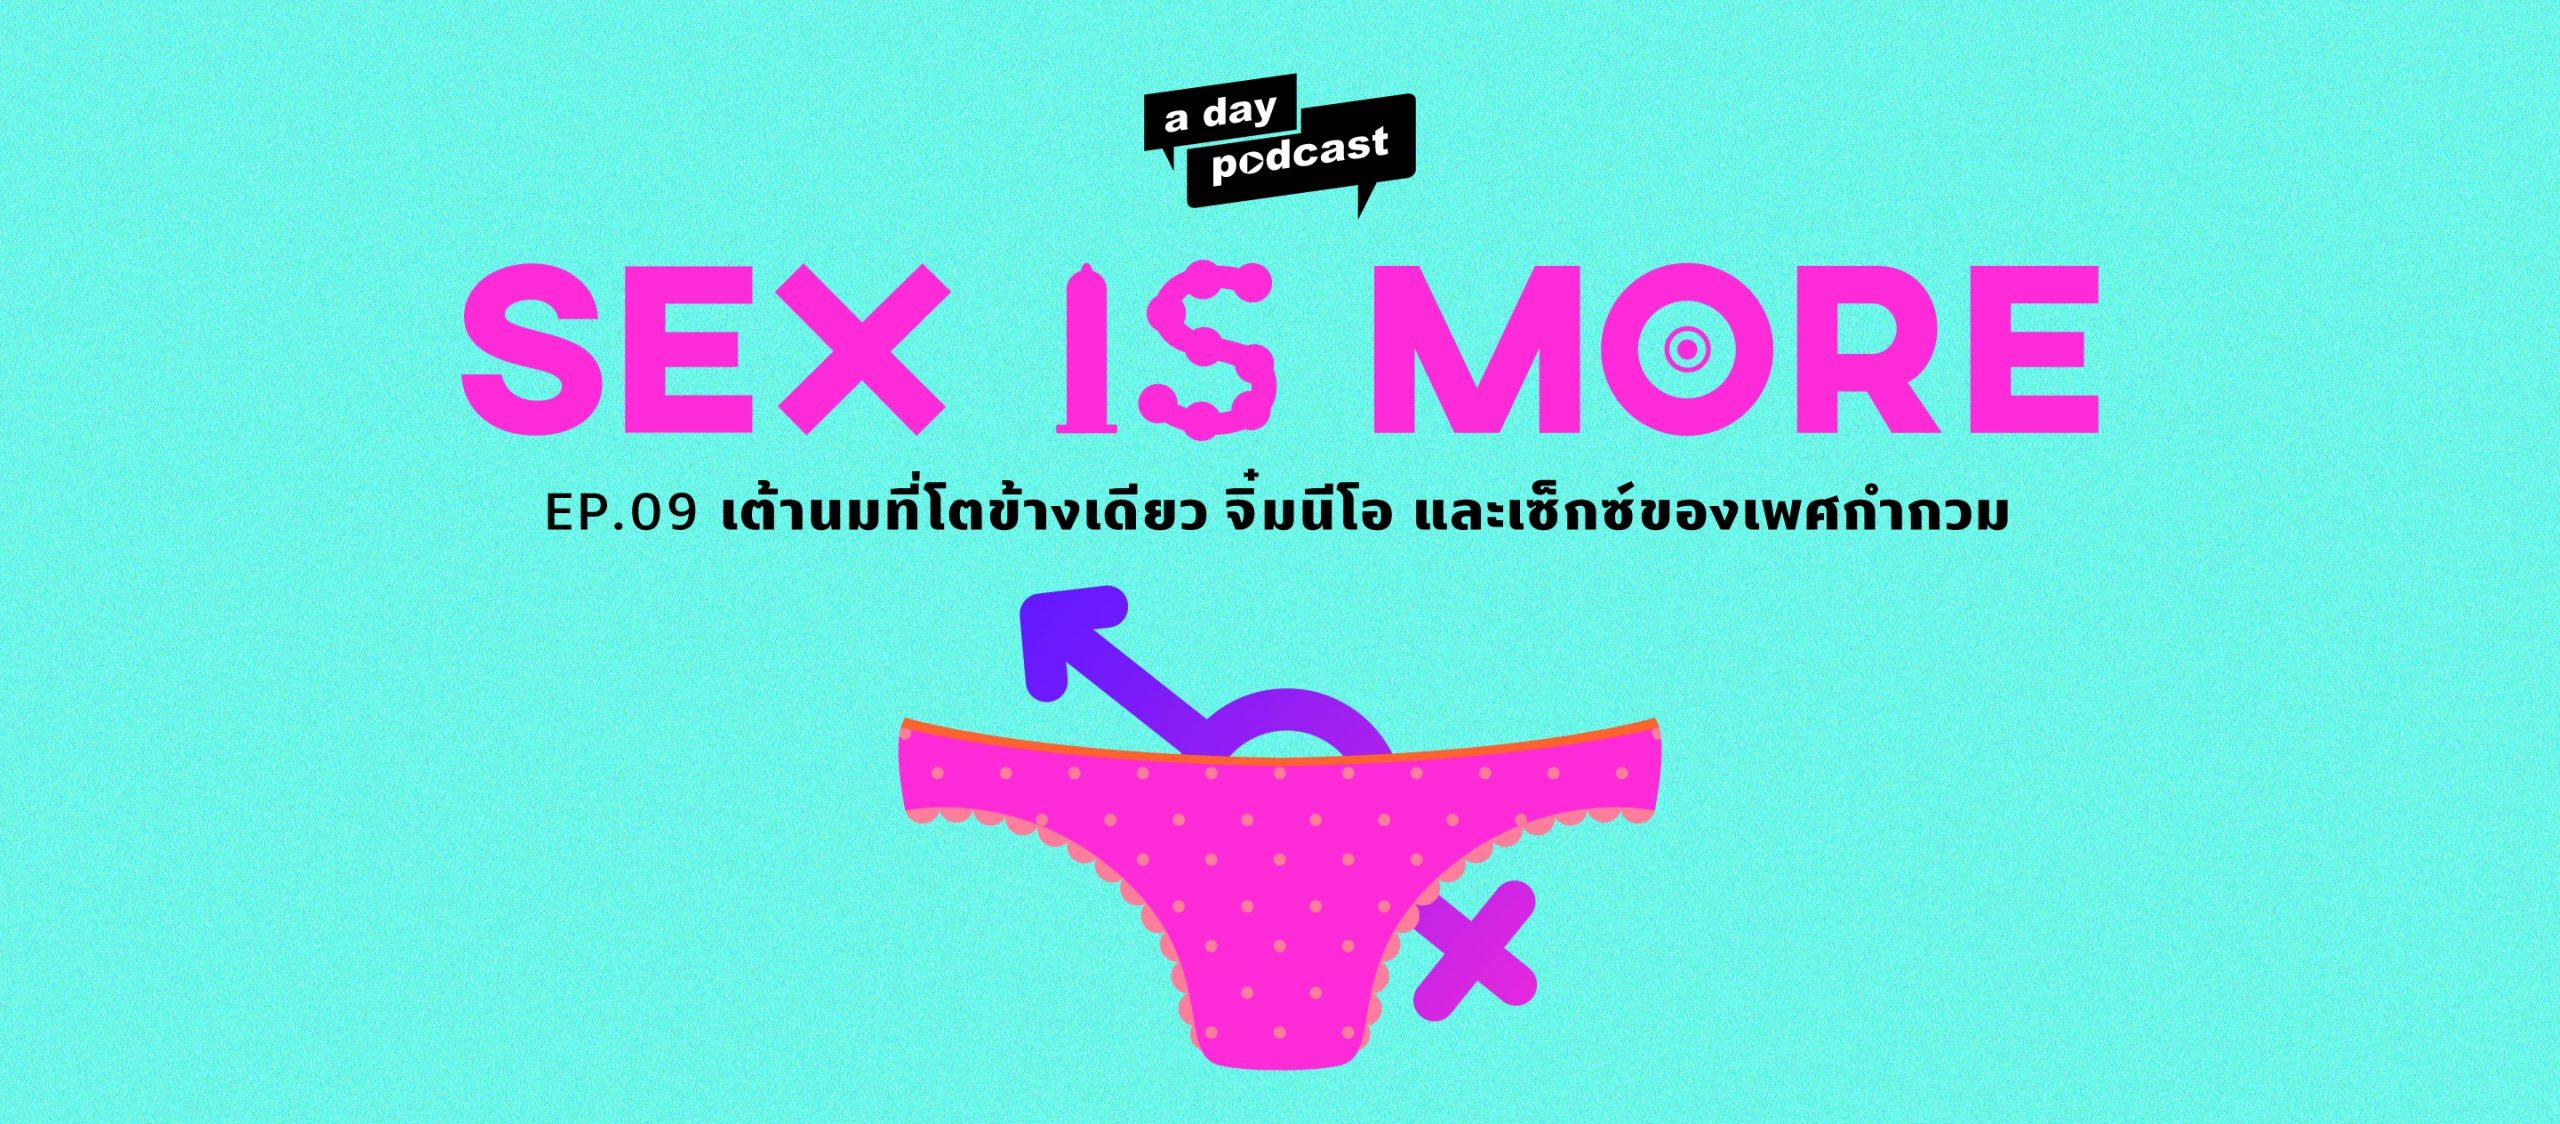 Sex is More EP.09 เต้านมที่โตข้างเดียว จิ๋มนีโอ และเซ็กซ์ของเพศกำกวม